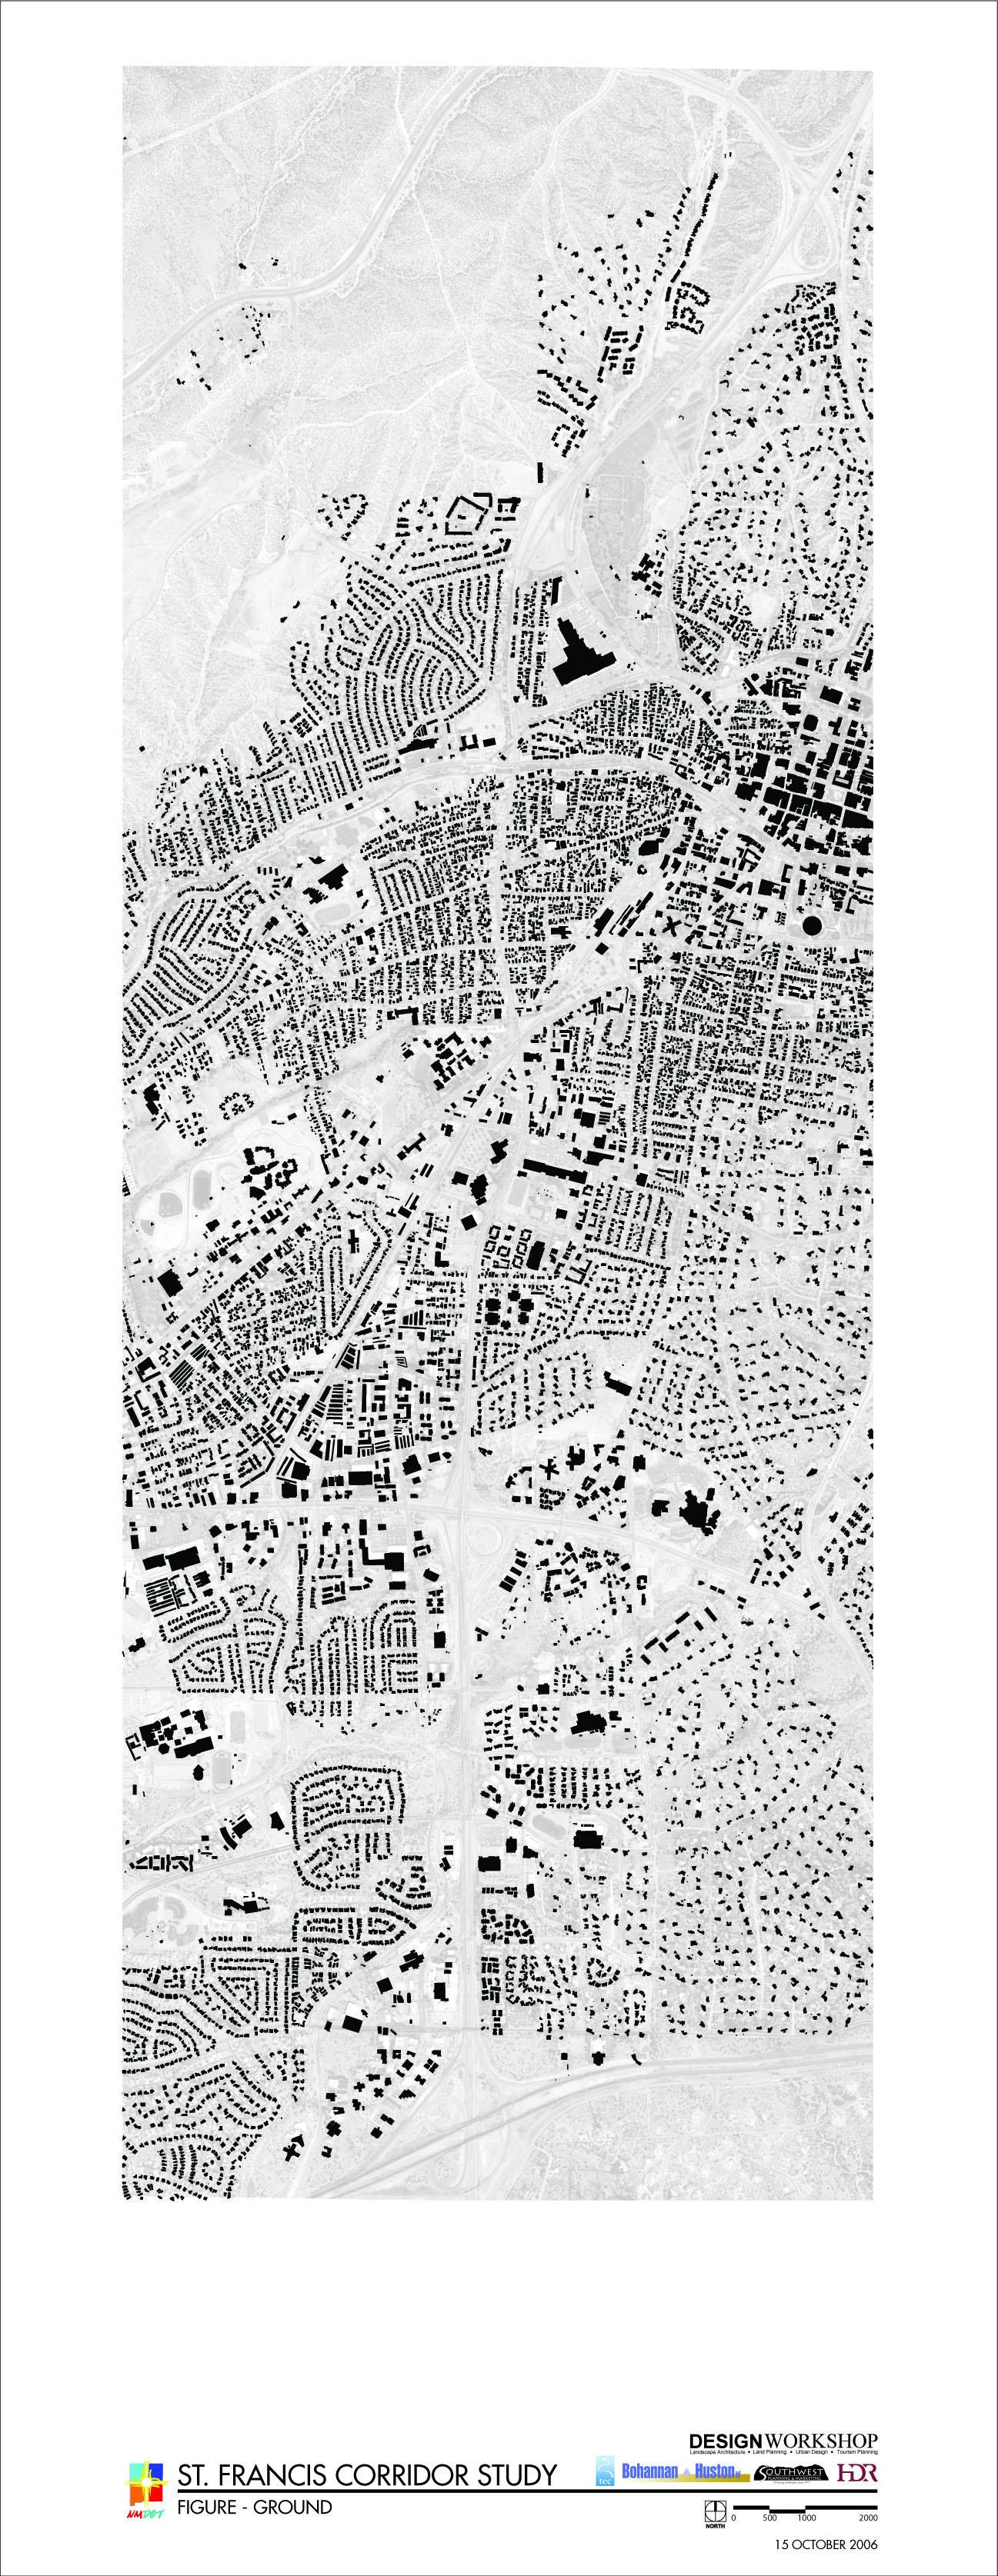 sfc_diagrams_figure_ground.jpg